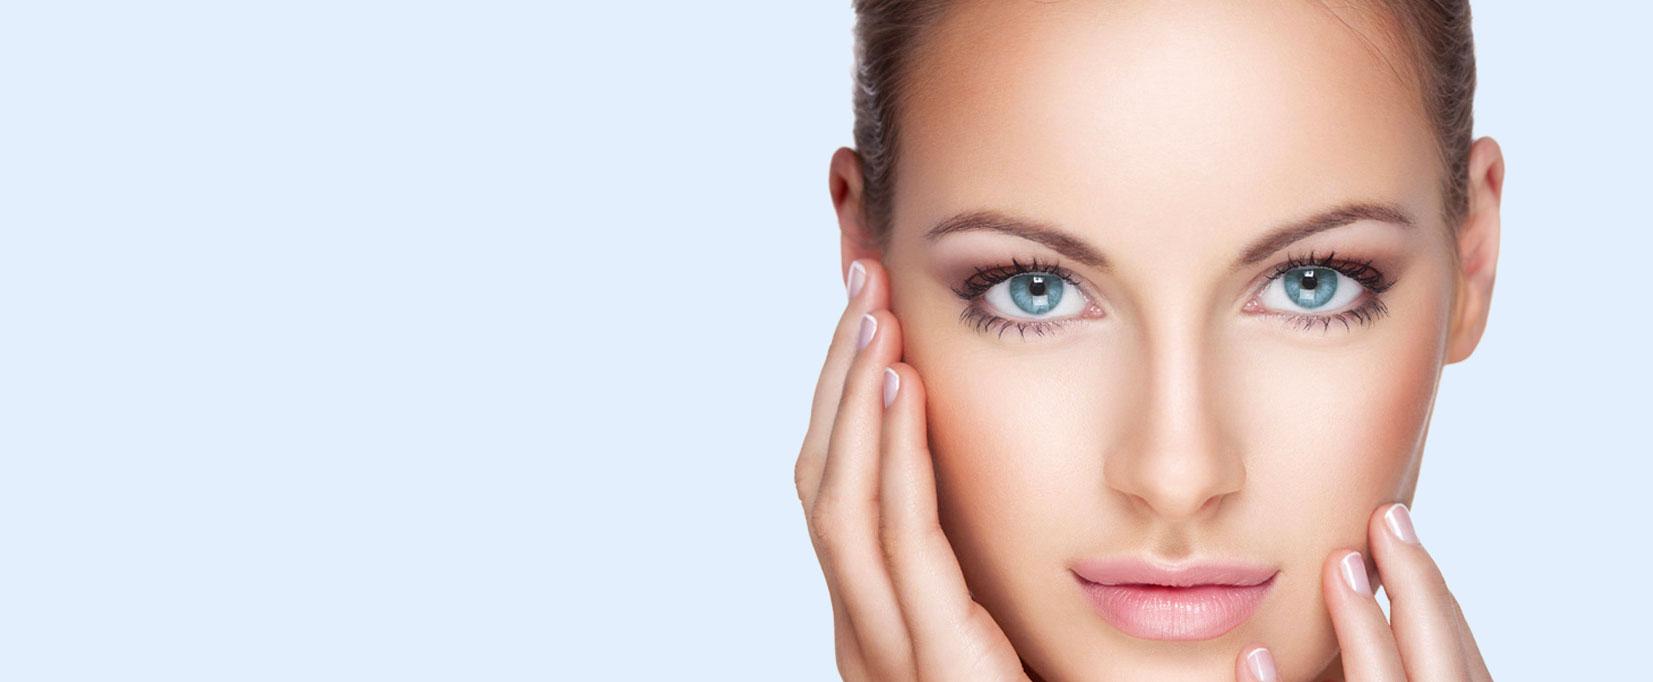 chirurgia plastica estetica viso